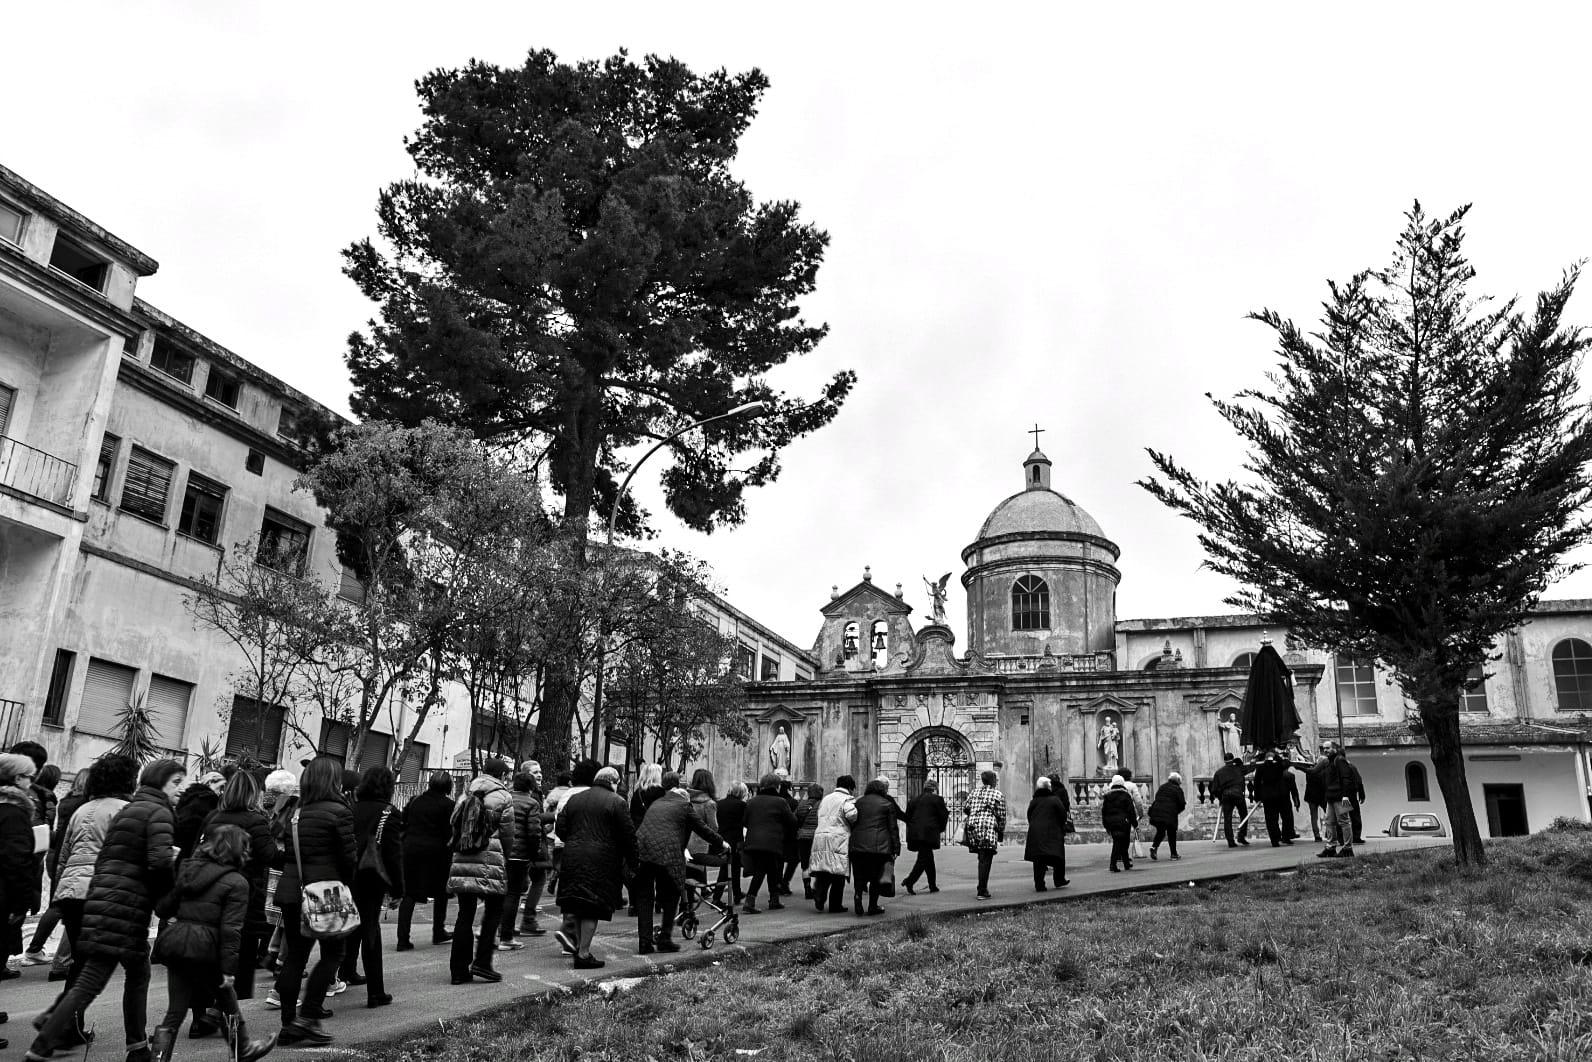 Una storia di fede: la processione delle donne a Vico del Gargano